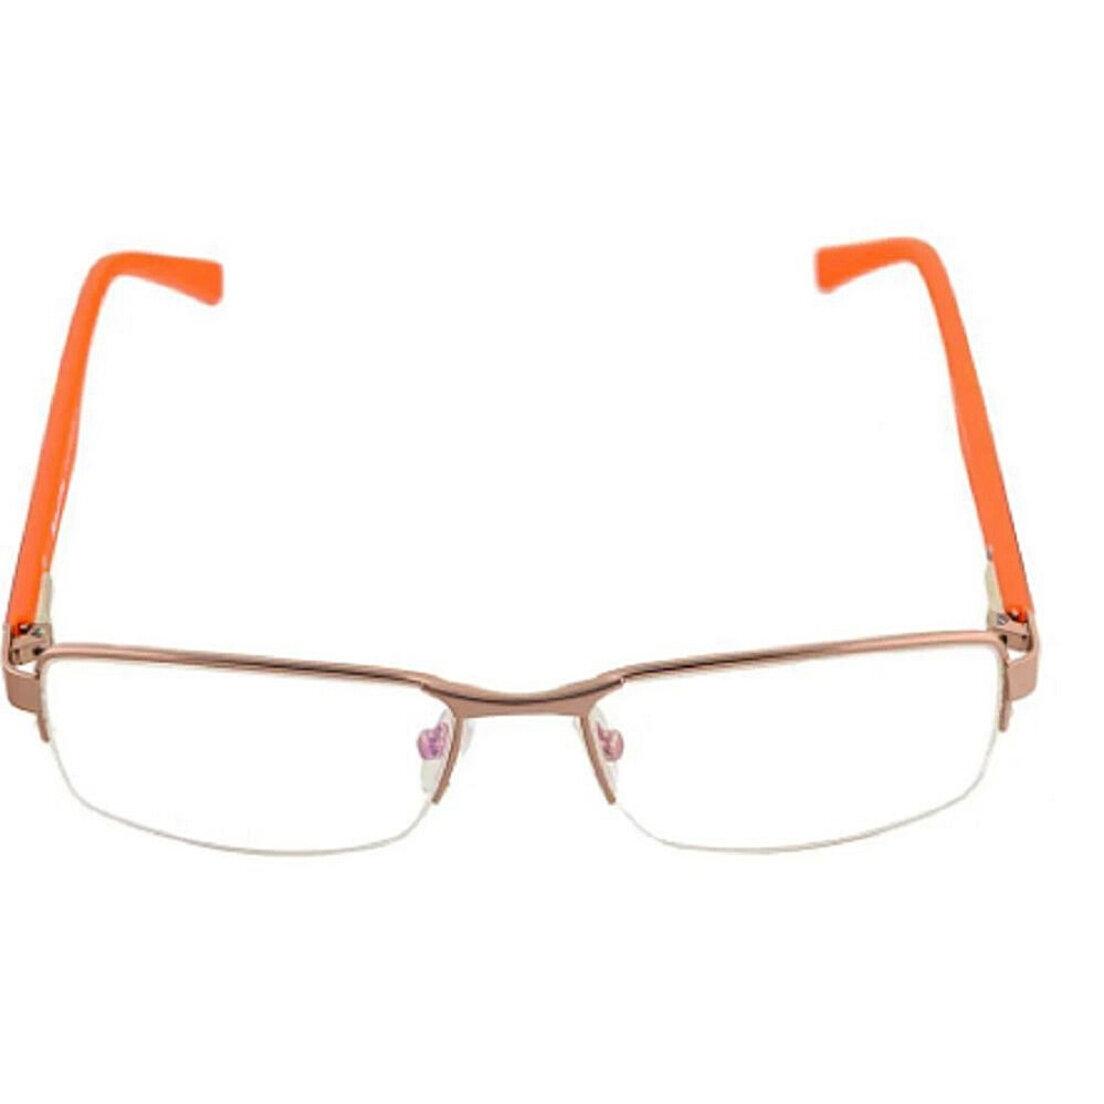 Armação de Óculos Khatto Fusion Orange - C041